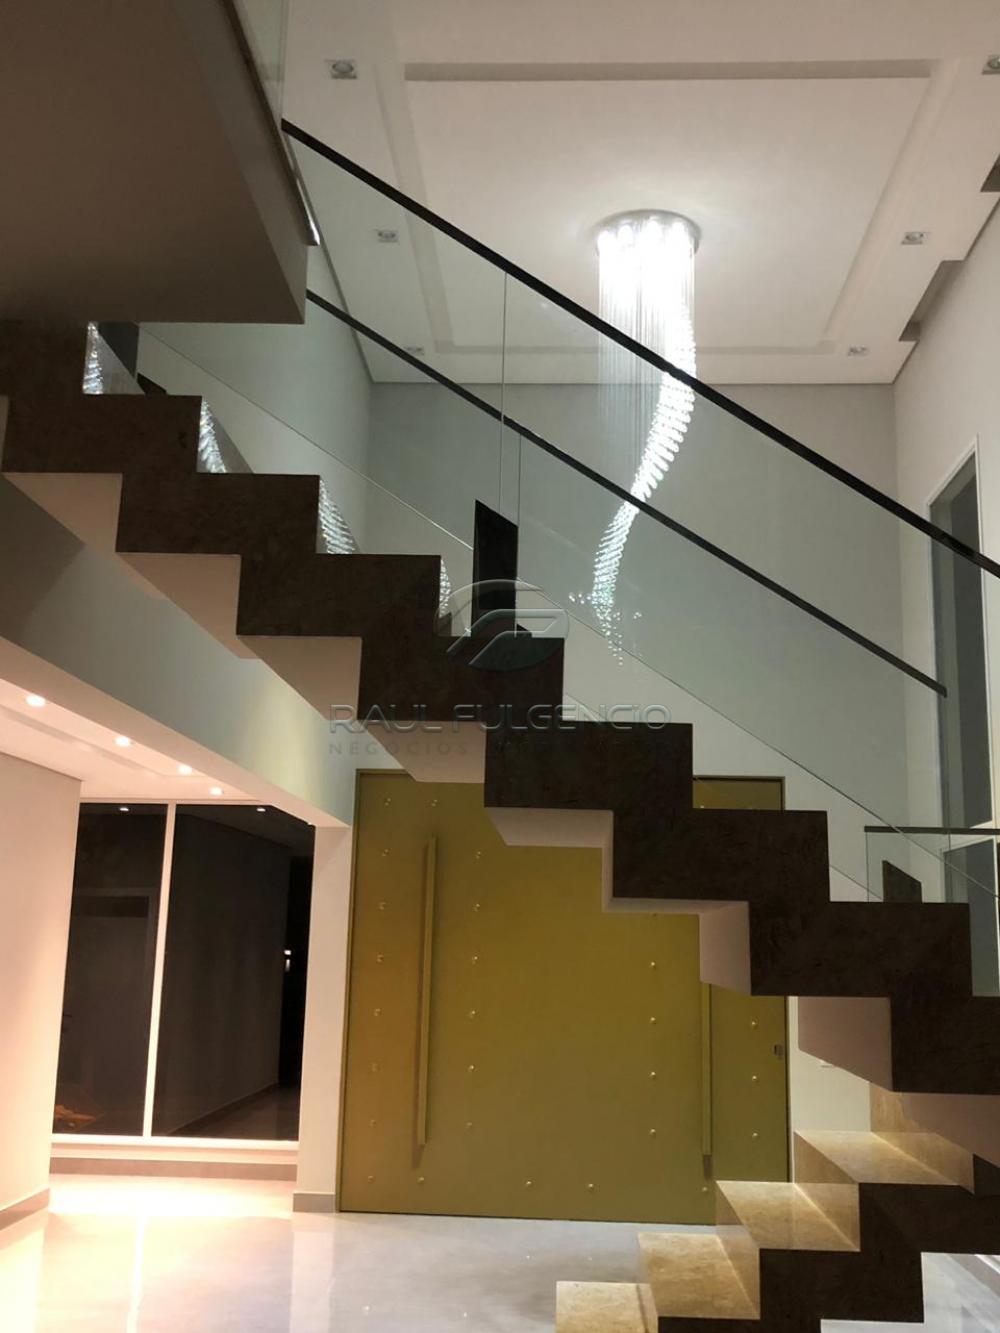 Comprar Casa / Condomínio Sobrado em Londrina apenas R$ 1.690.000,00 - Foto 8